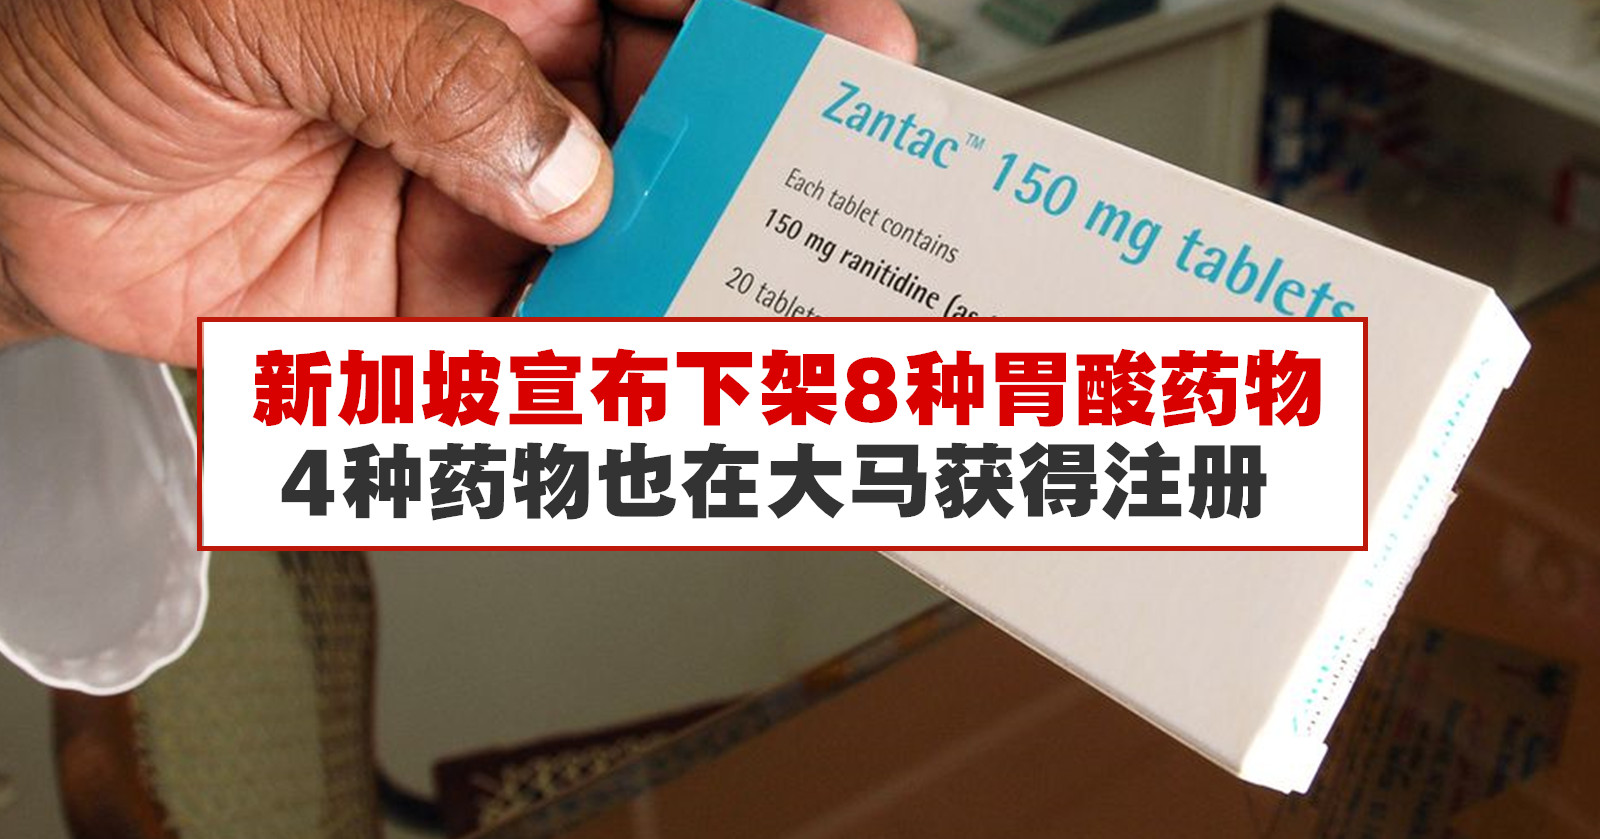 新加坡宣布下架8种胃酸药物